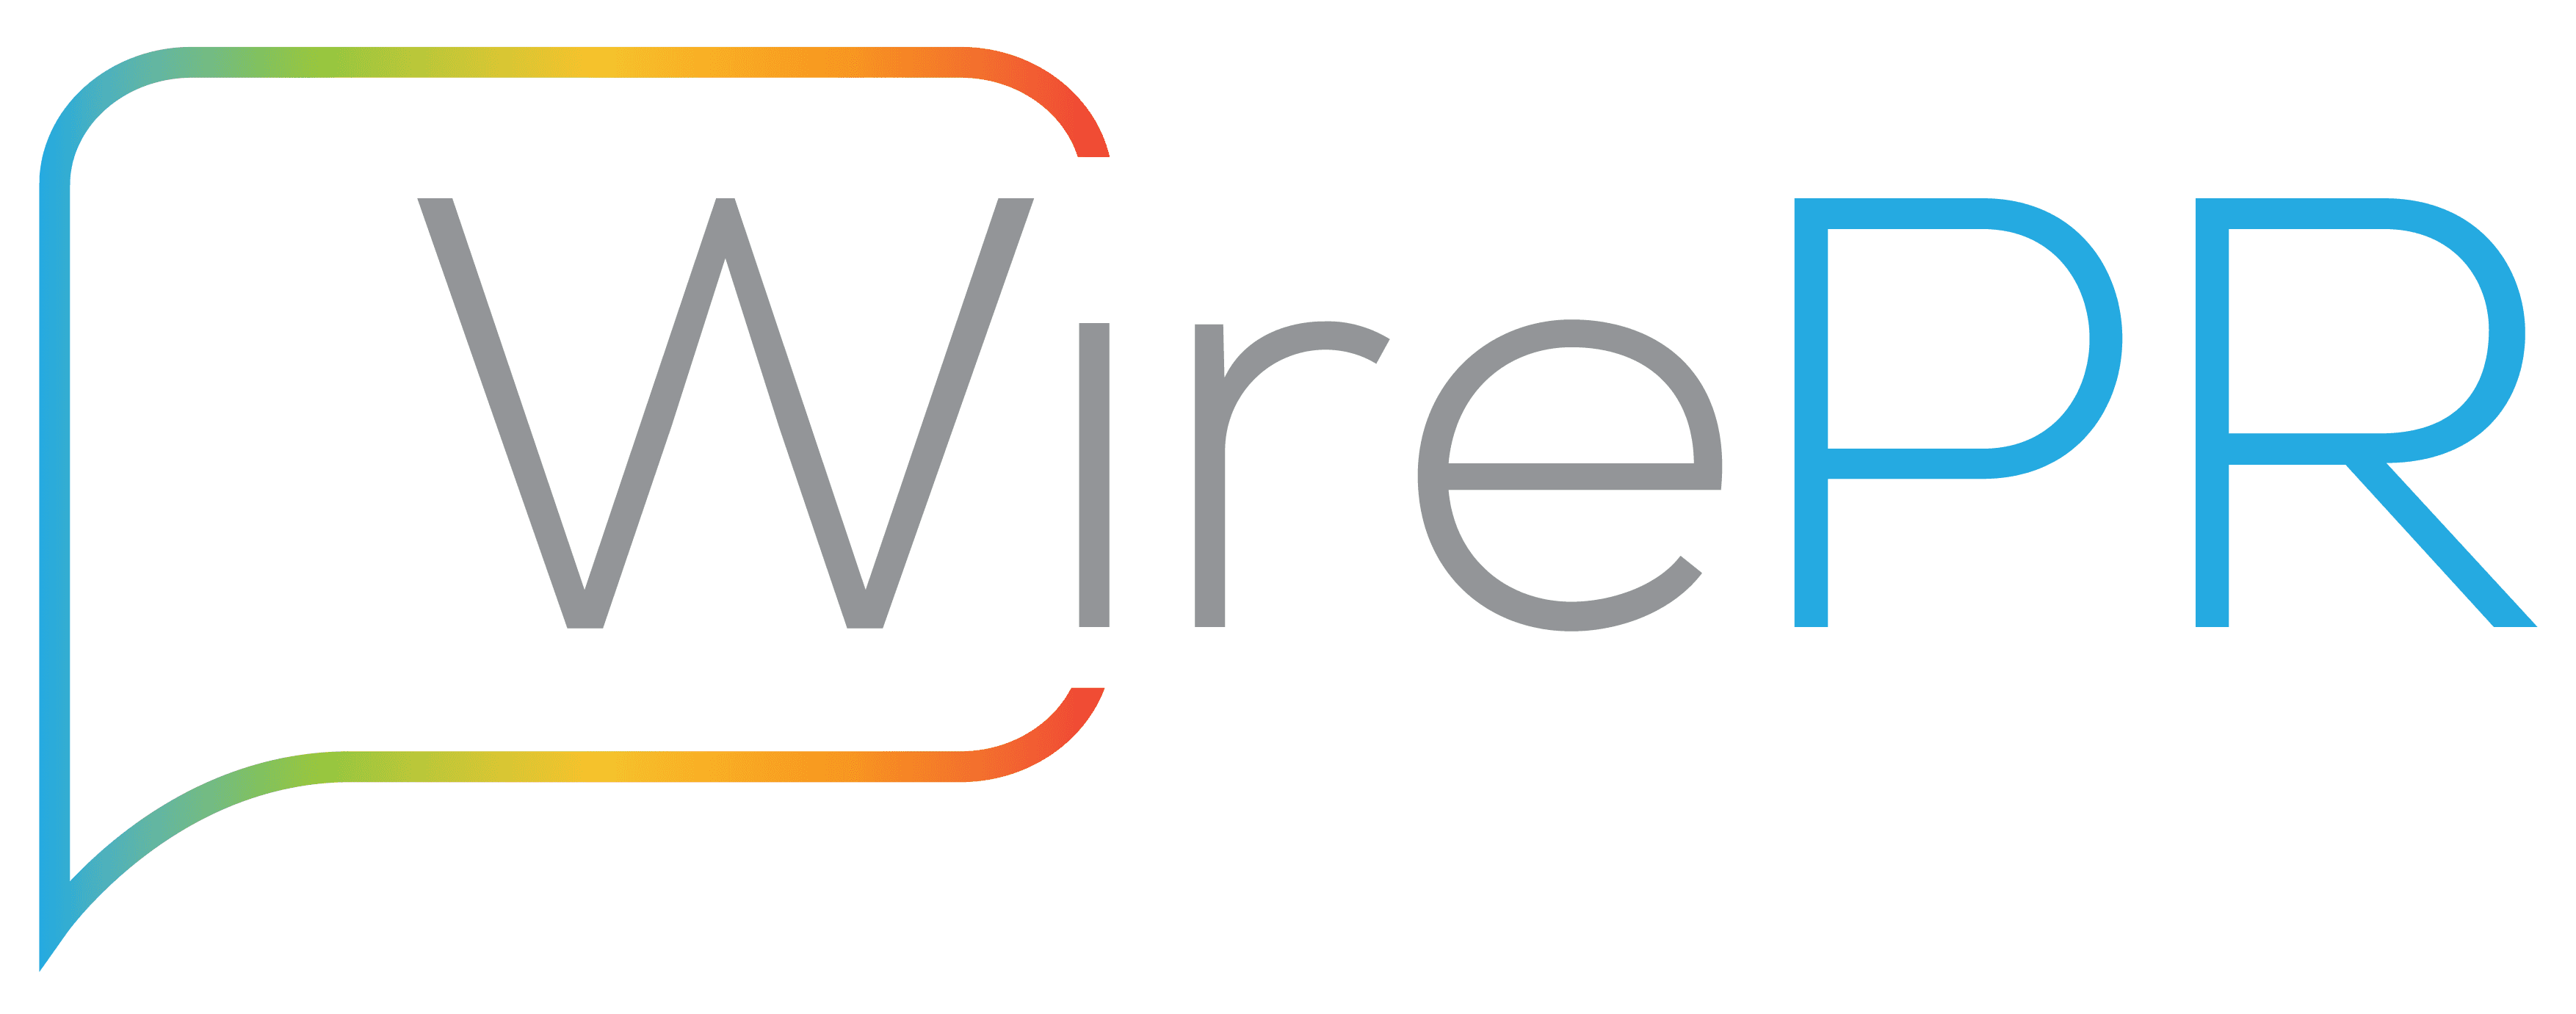 Wire PR logo